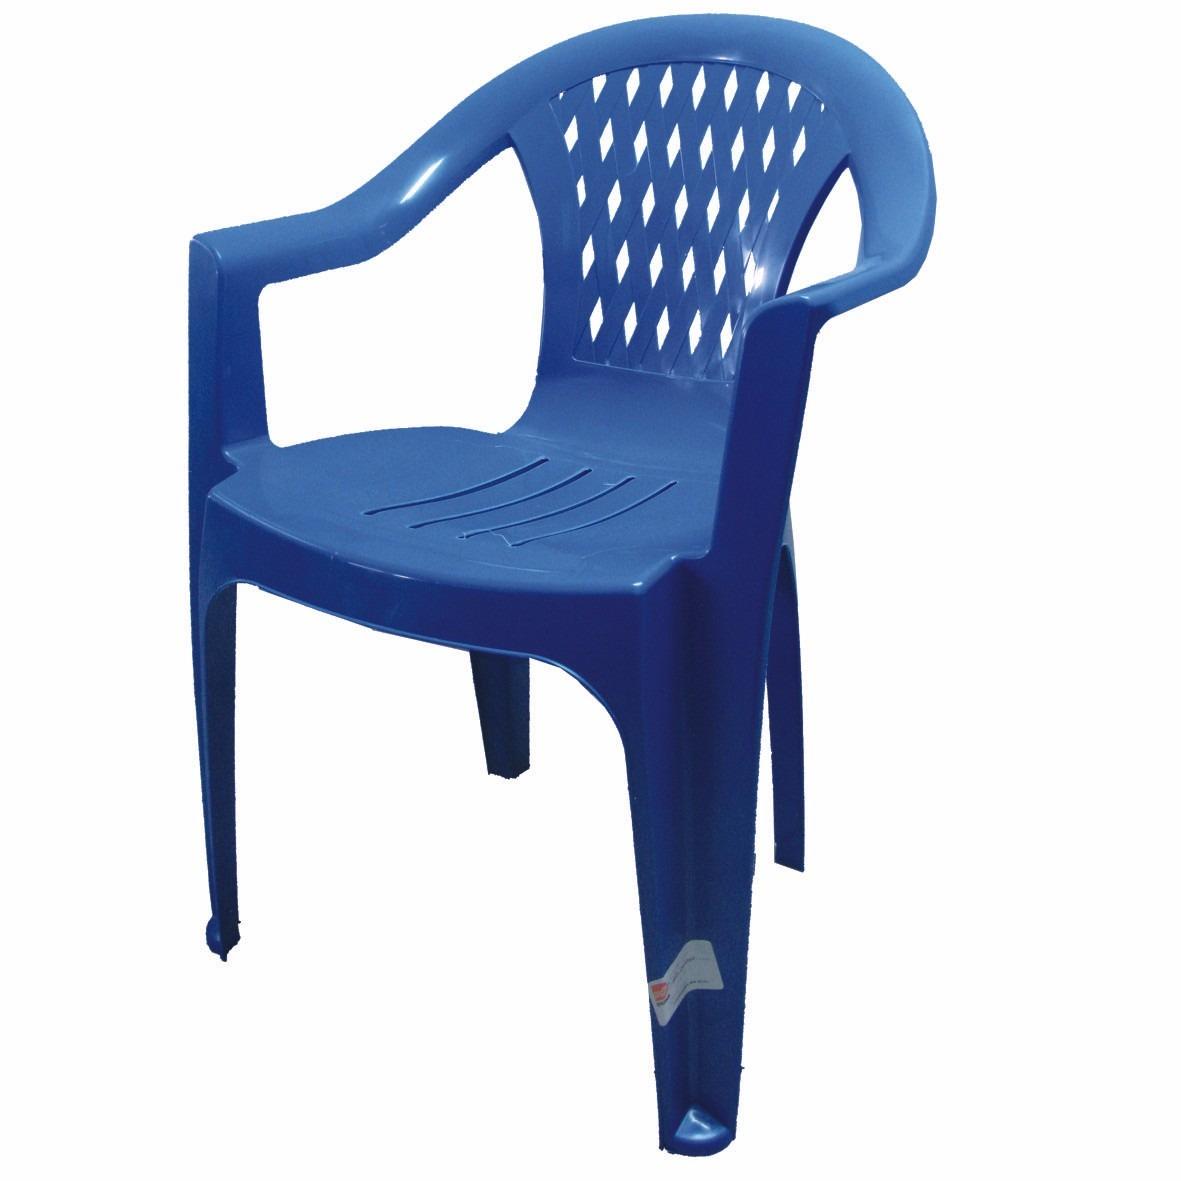 Silla de plastico berlin econ mica azul en - Sillas de plastico ikea ...